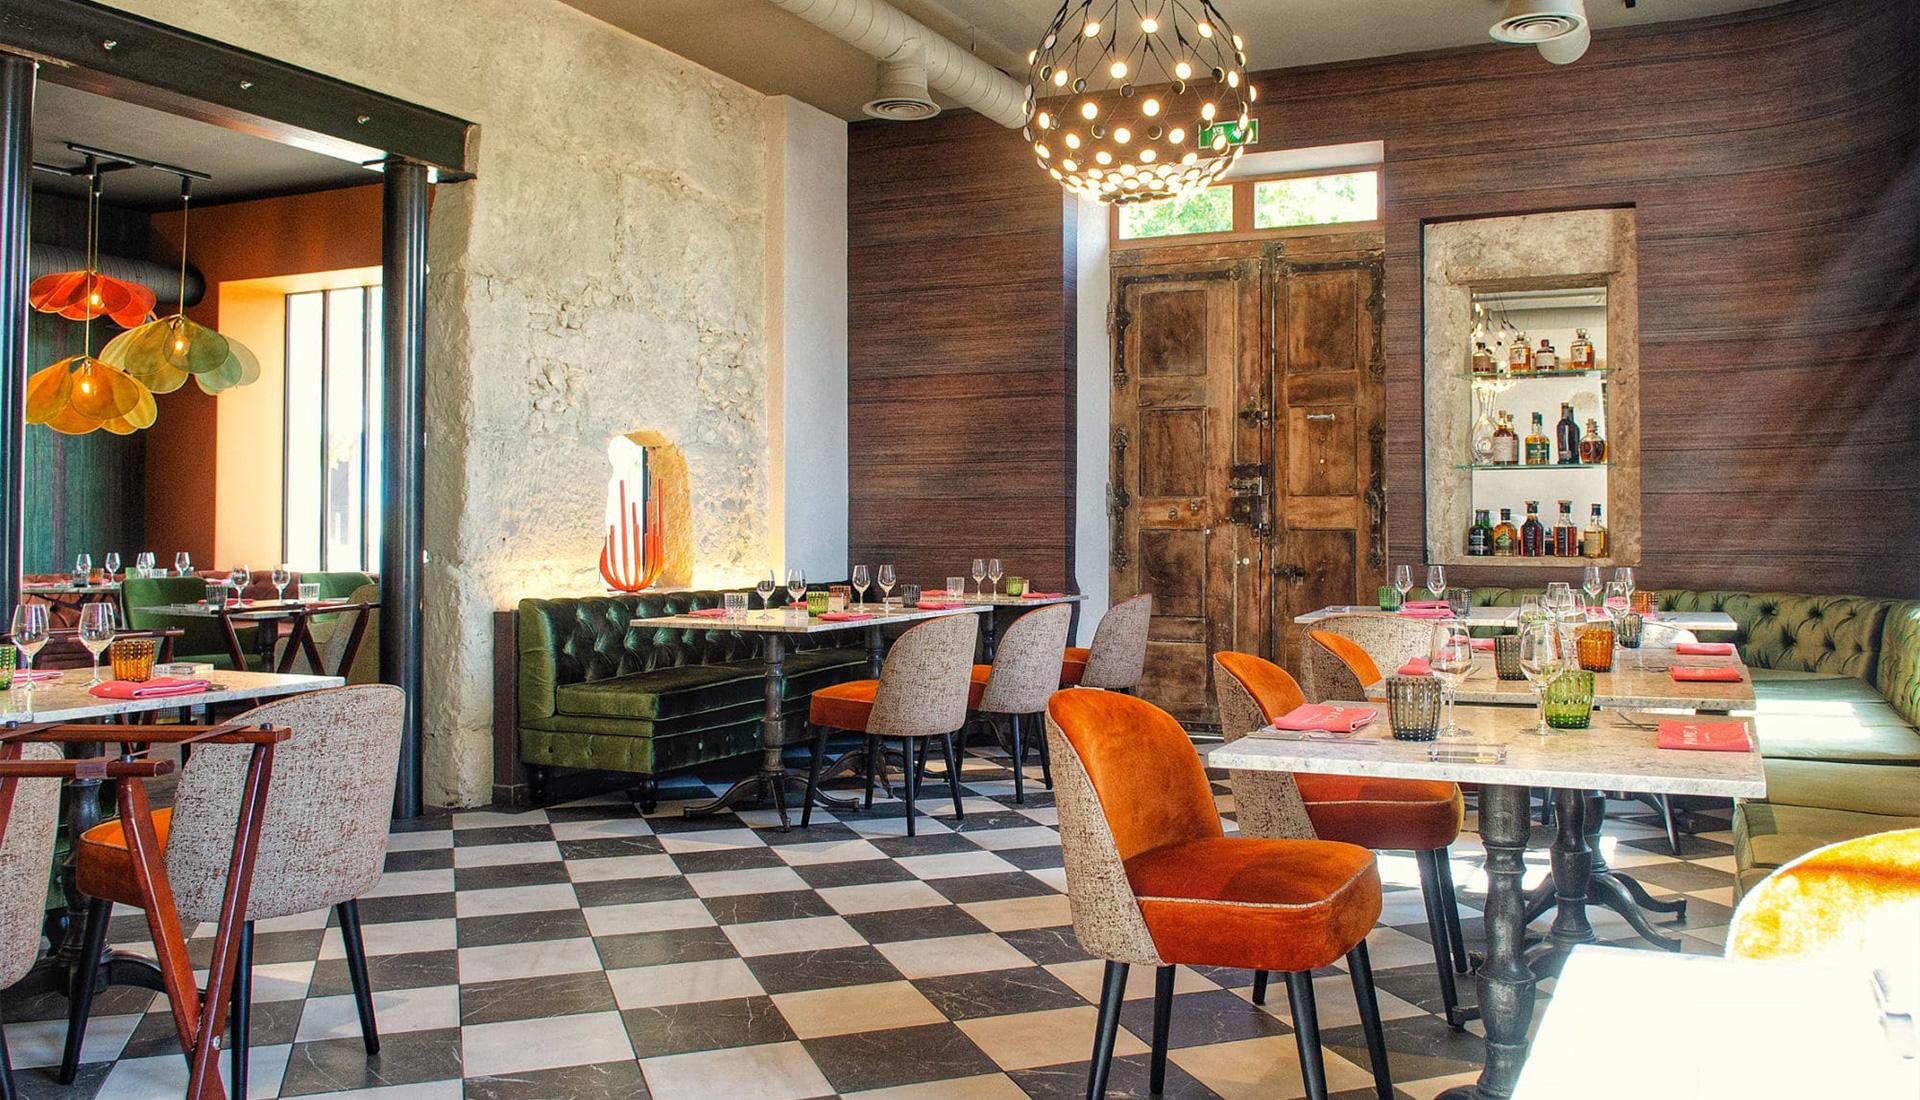 Pica pica restaurant - Béziers - Portal eclairage